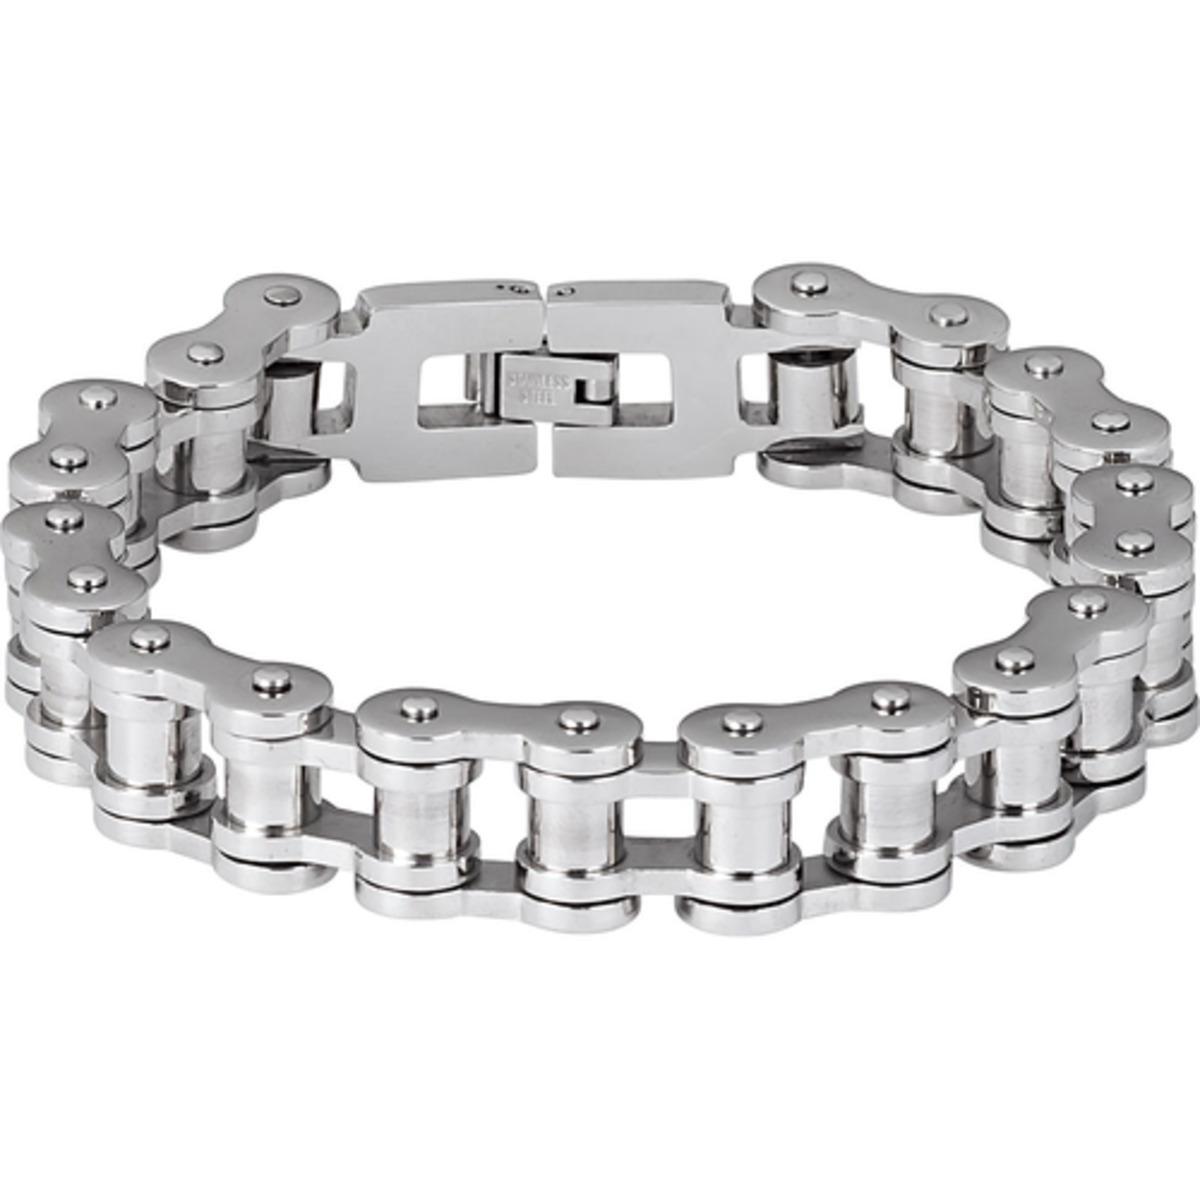 Bild 1 von Spirit Motors Edelstahl Armband 1.0 silber